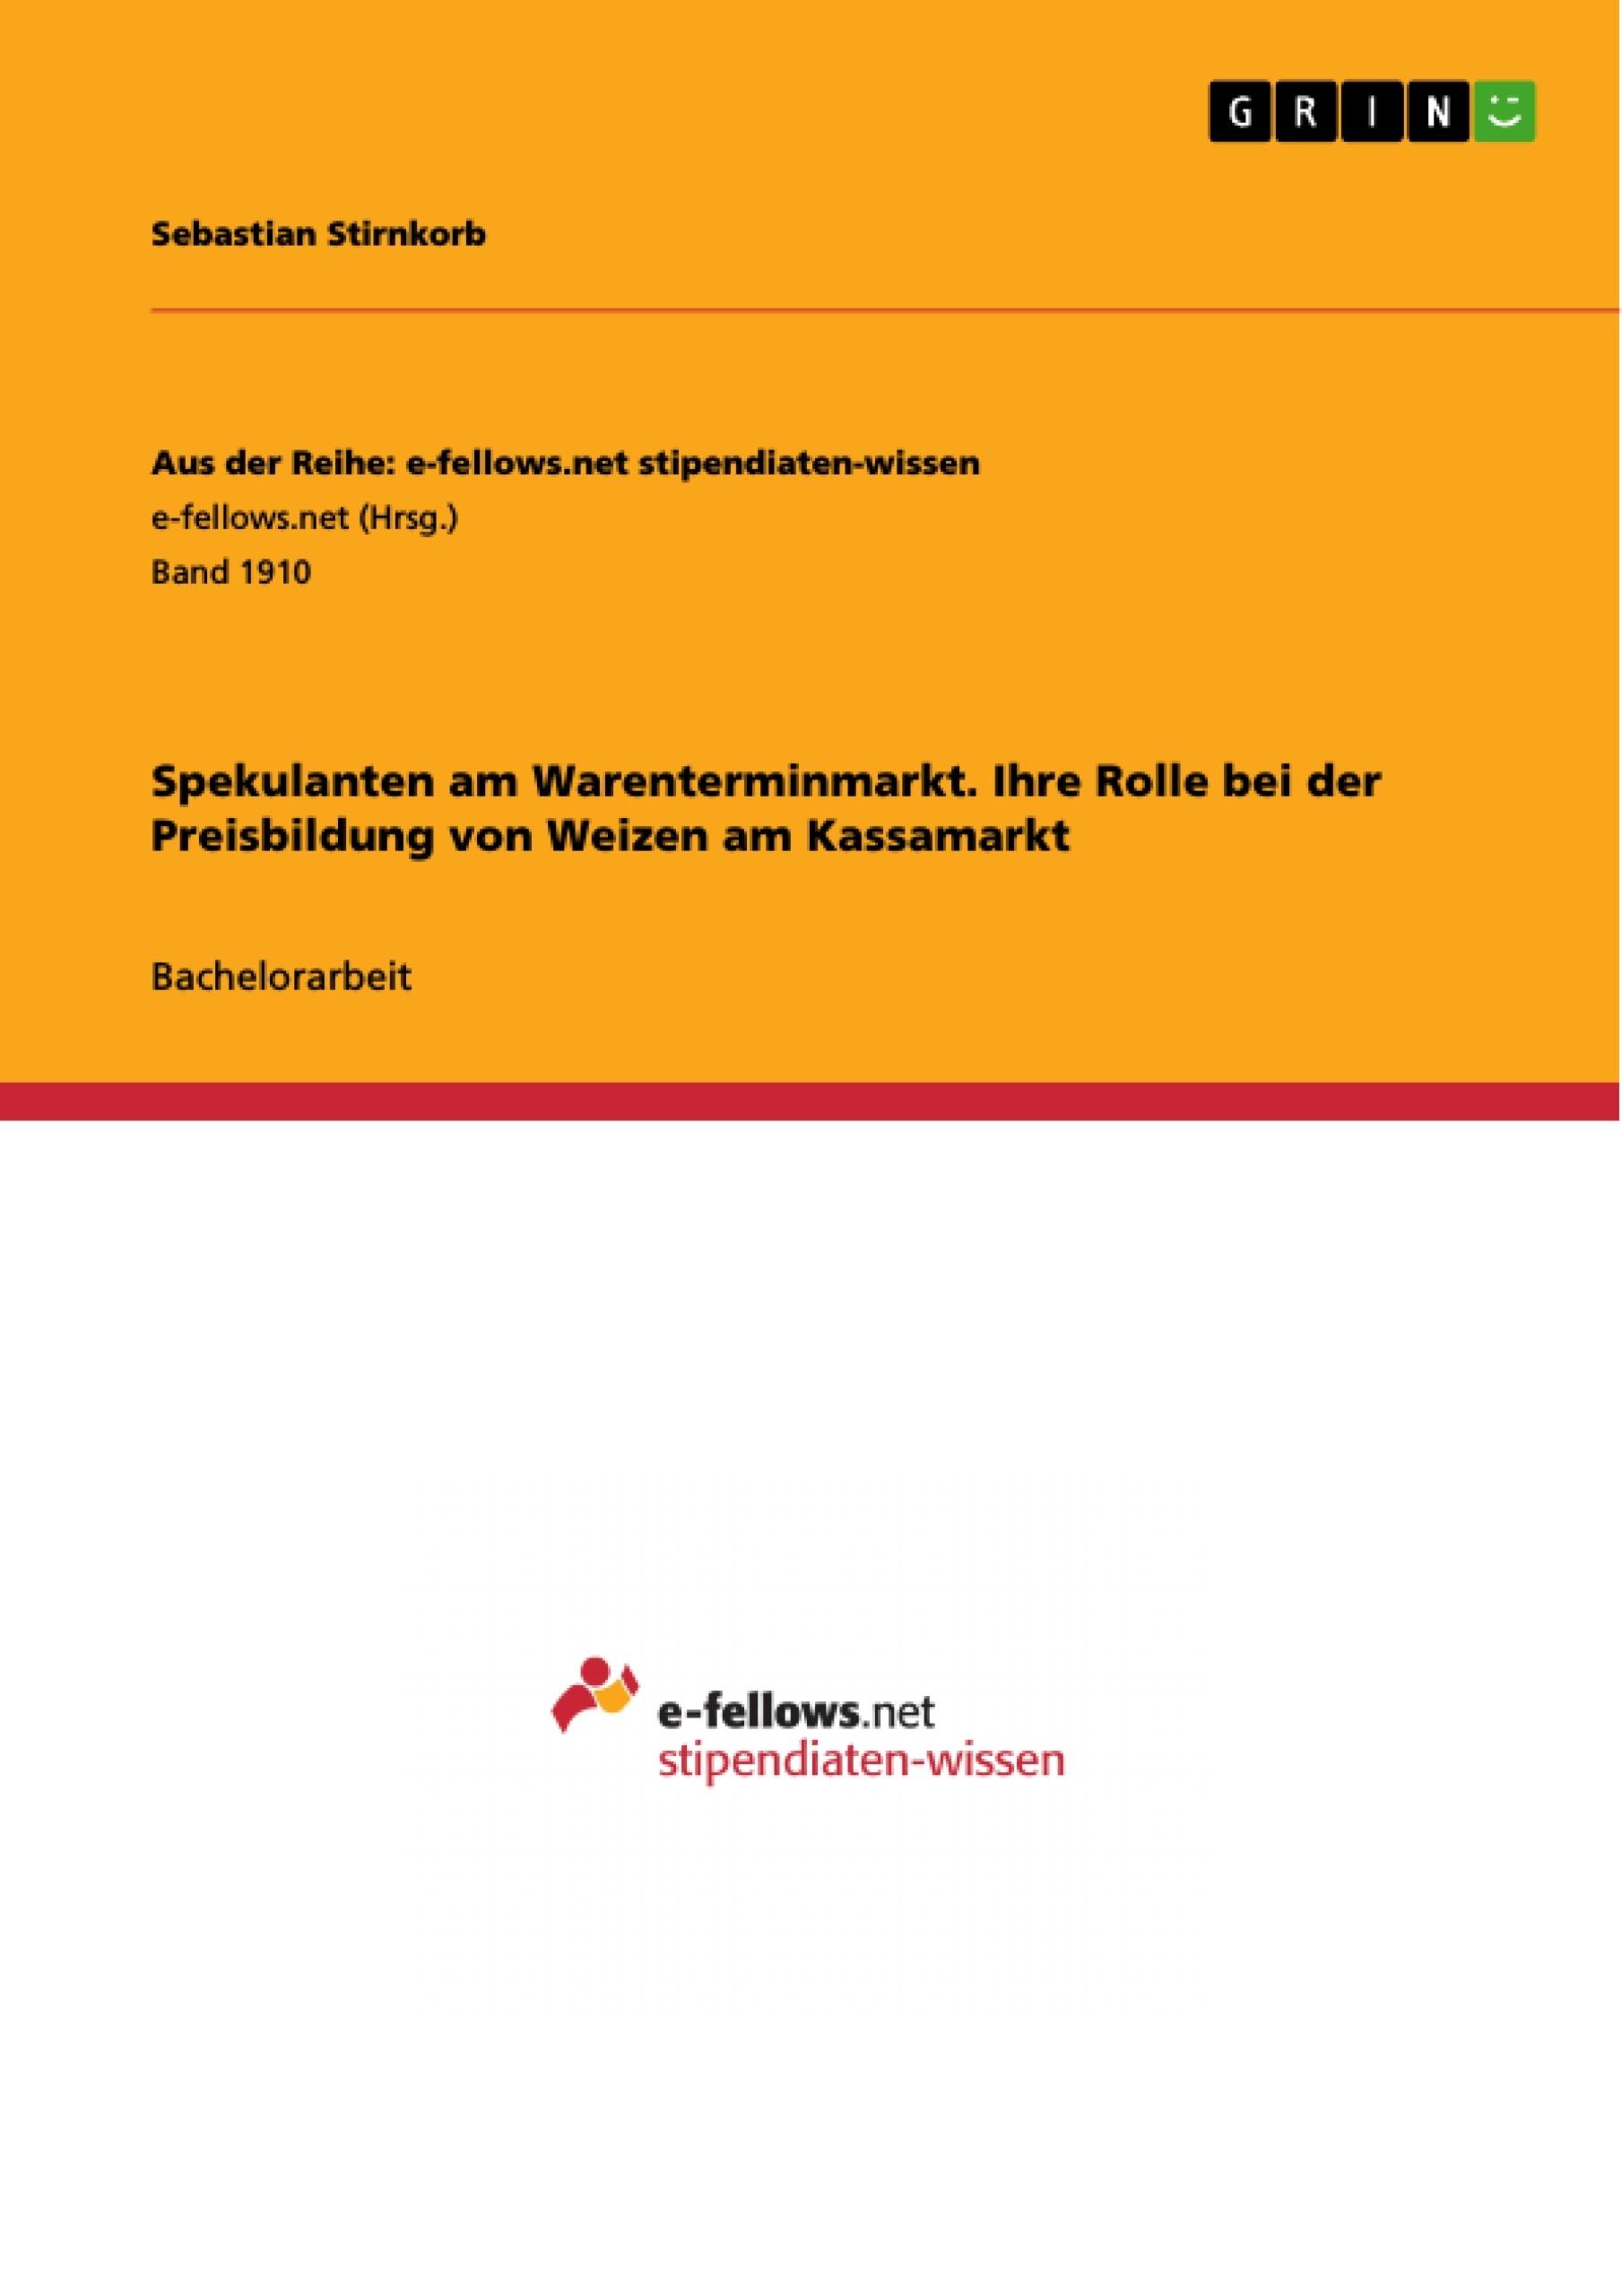 Titel: Spekulanten am Warenterminmarkt. Ihre Rolle bei der Preisbildung von Weizen am Kassamarkt